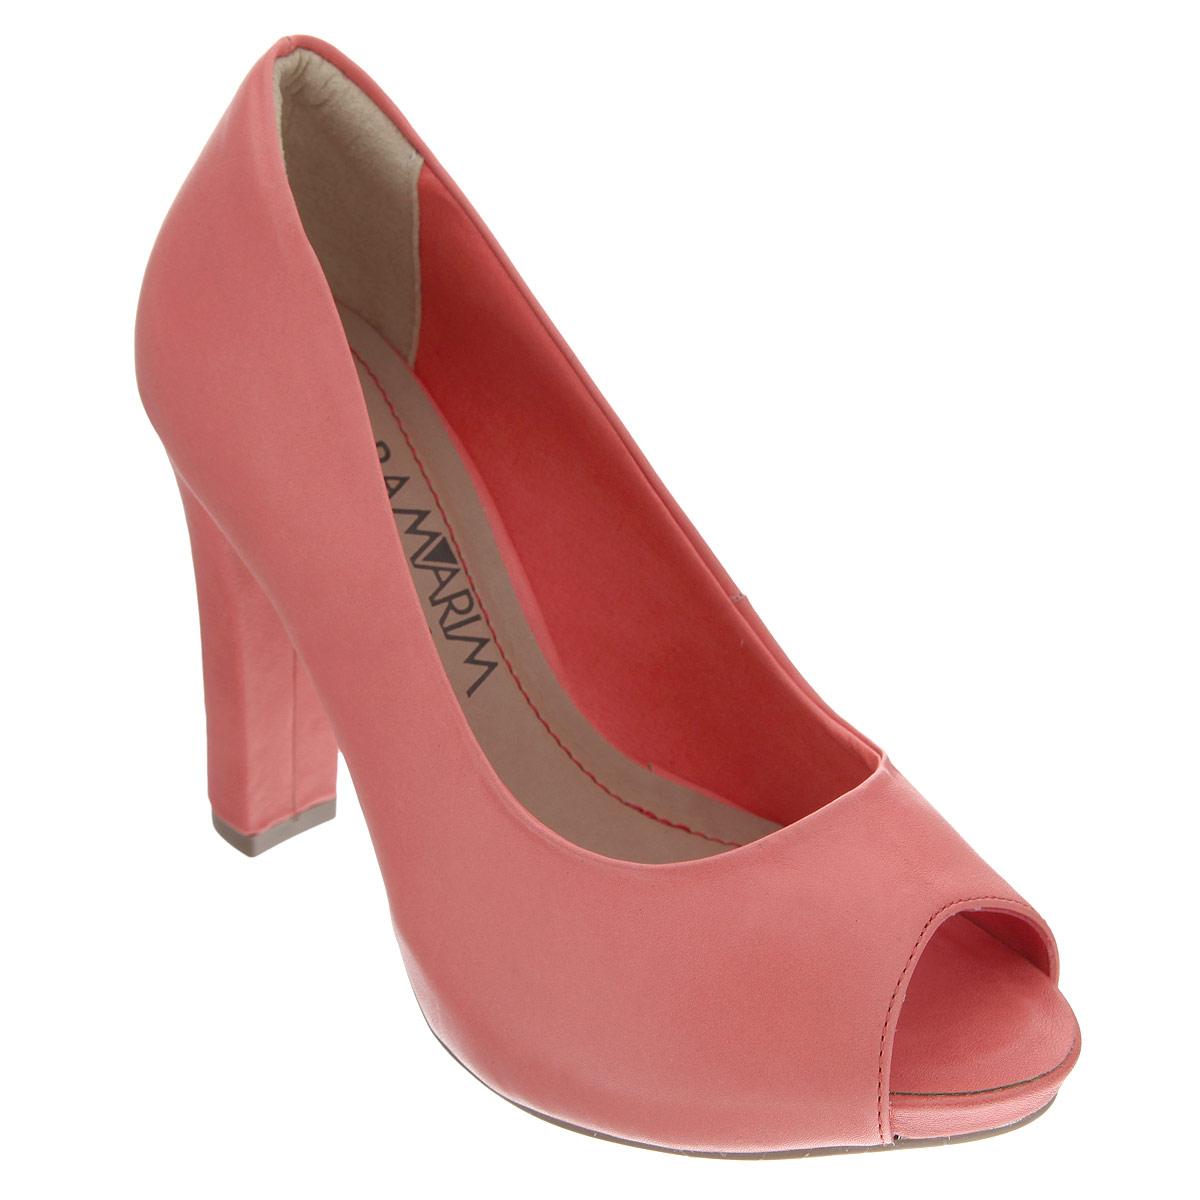 Туфли женские. 14-2223114-22231Яркие туфли от Ramarim эффектно дополнят ваш летний наряд. Модель выполнена из натуральной кожи в лаконичном стиле. Открытый носок смотрится невероятно элегантно. Мягкая стелька из натуральной кожи обеспечивает комфорт при ходьбе. Высокий каблук компенсирован платформой. Рифленая поверхность каблука и подошвы защищает изделие от скольжения. Стильные туфли не оставят равнодушной настоящую модницу!